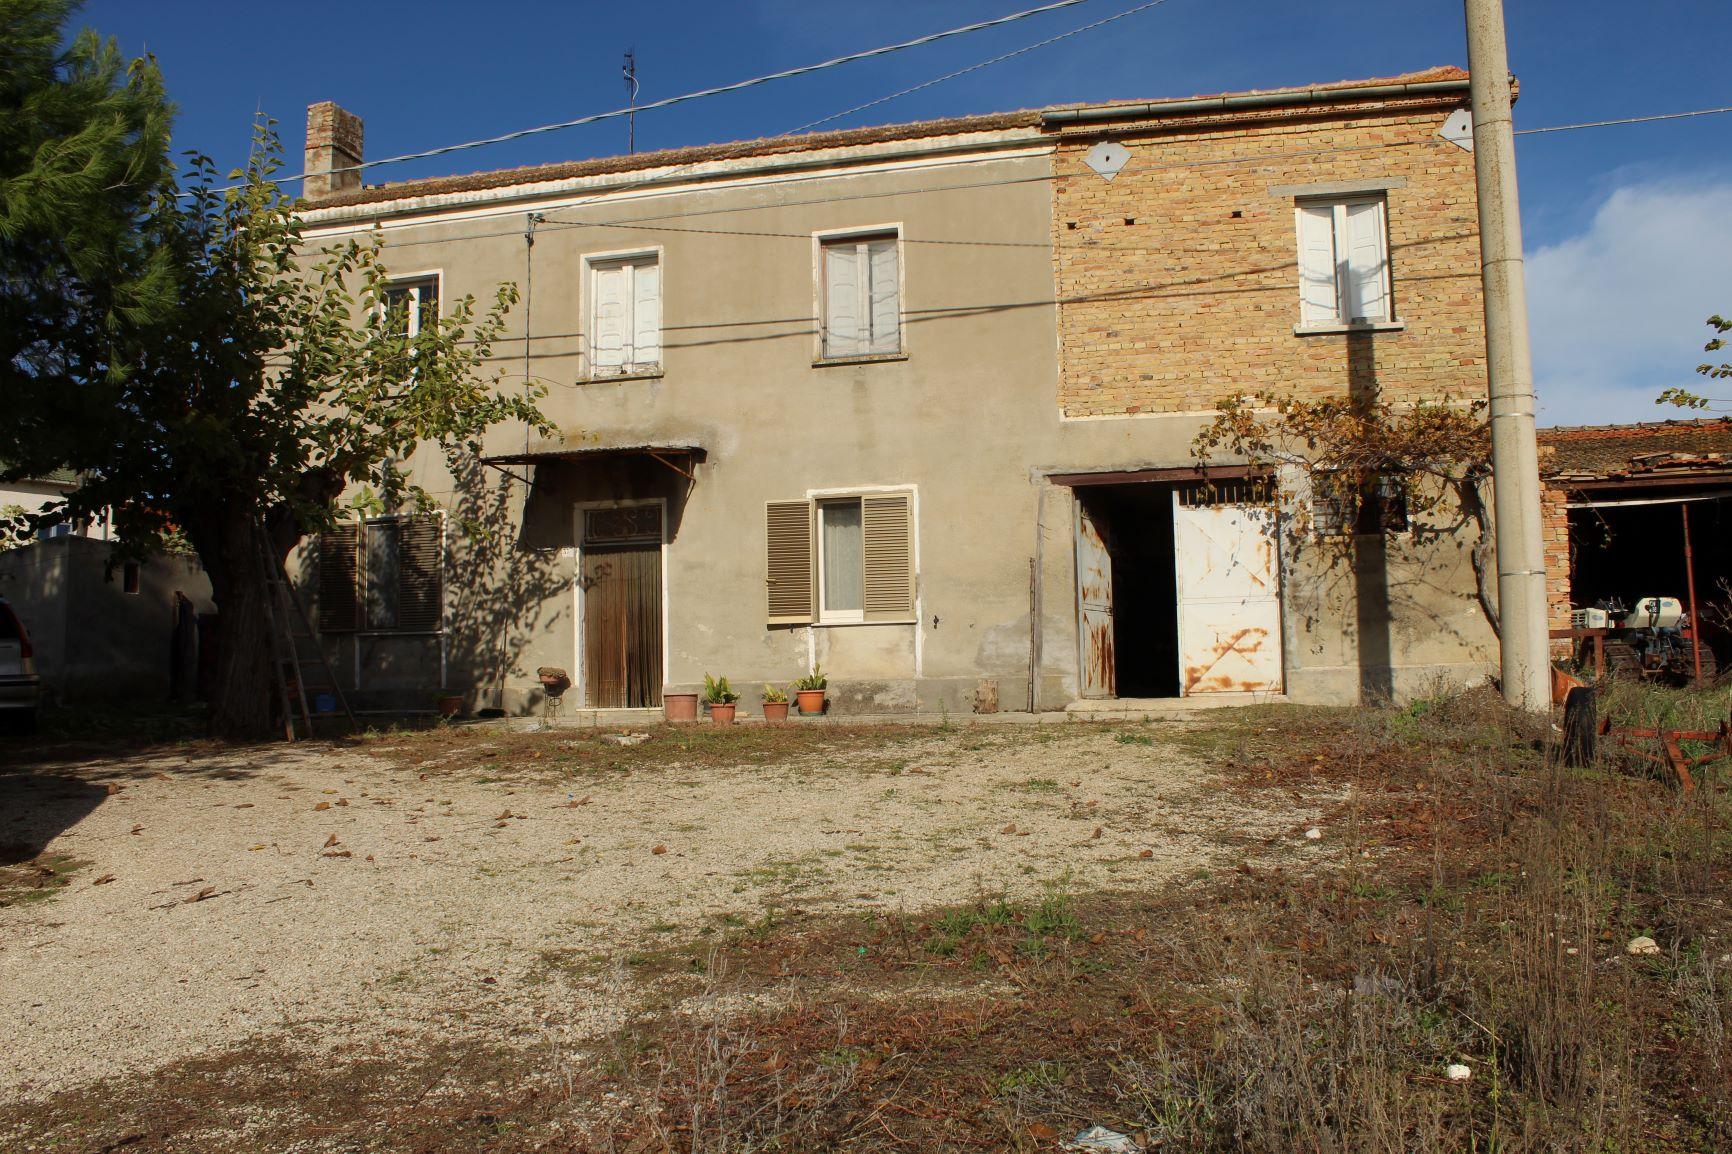 rif 1161 Scerni (CH) – Casolare e terreno – € 95000